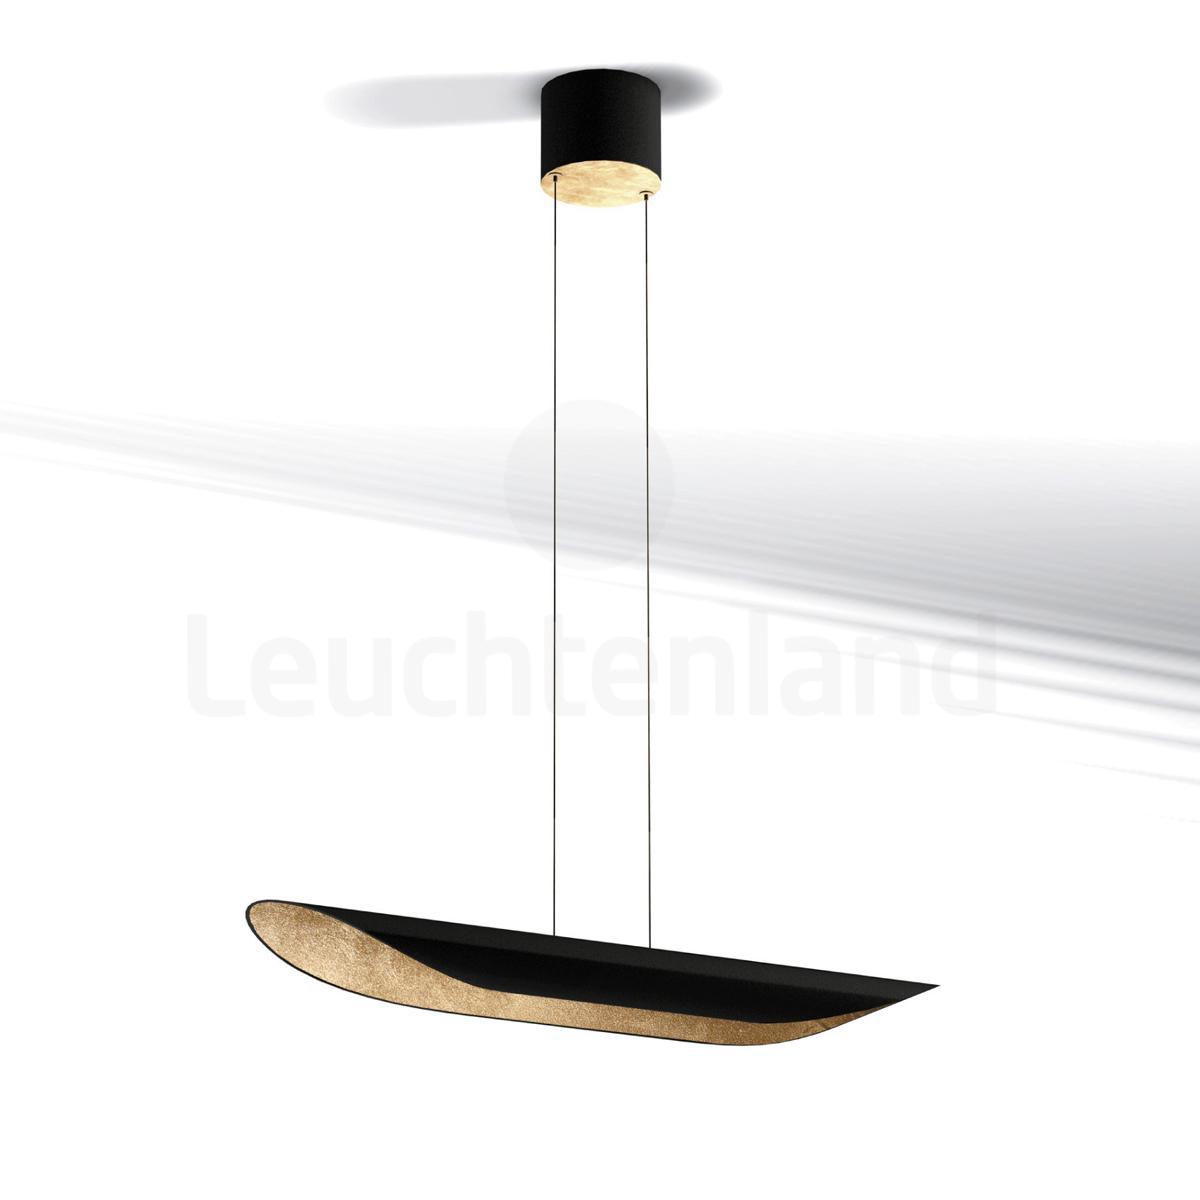 luce elevata open mind pendelleuchte. Black Bedroom Furniture Sets. Home Design Ideas